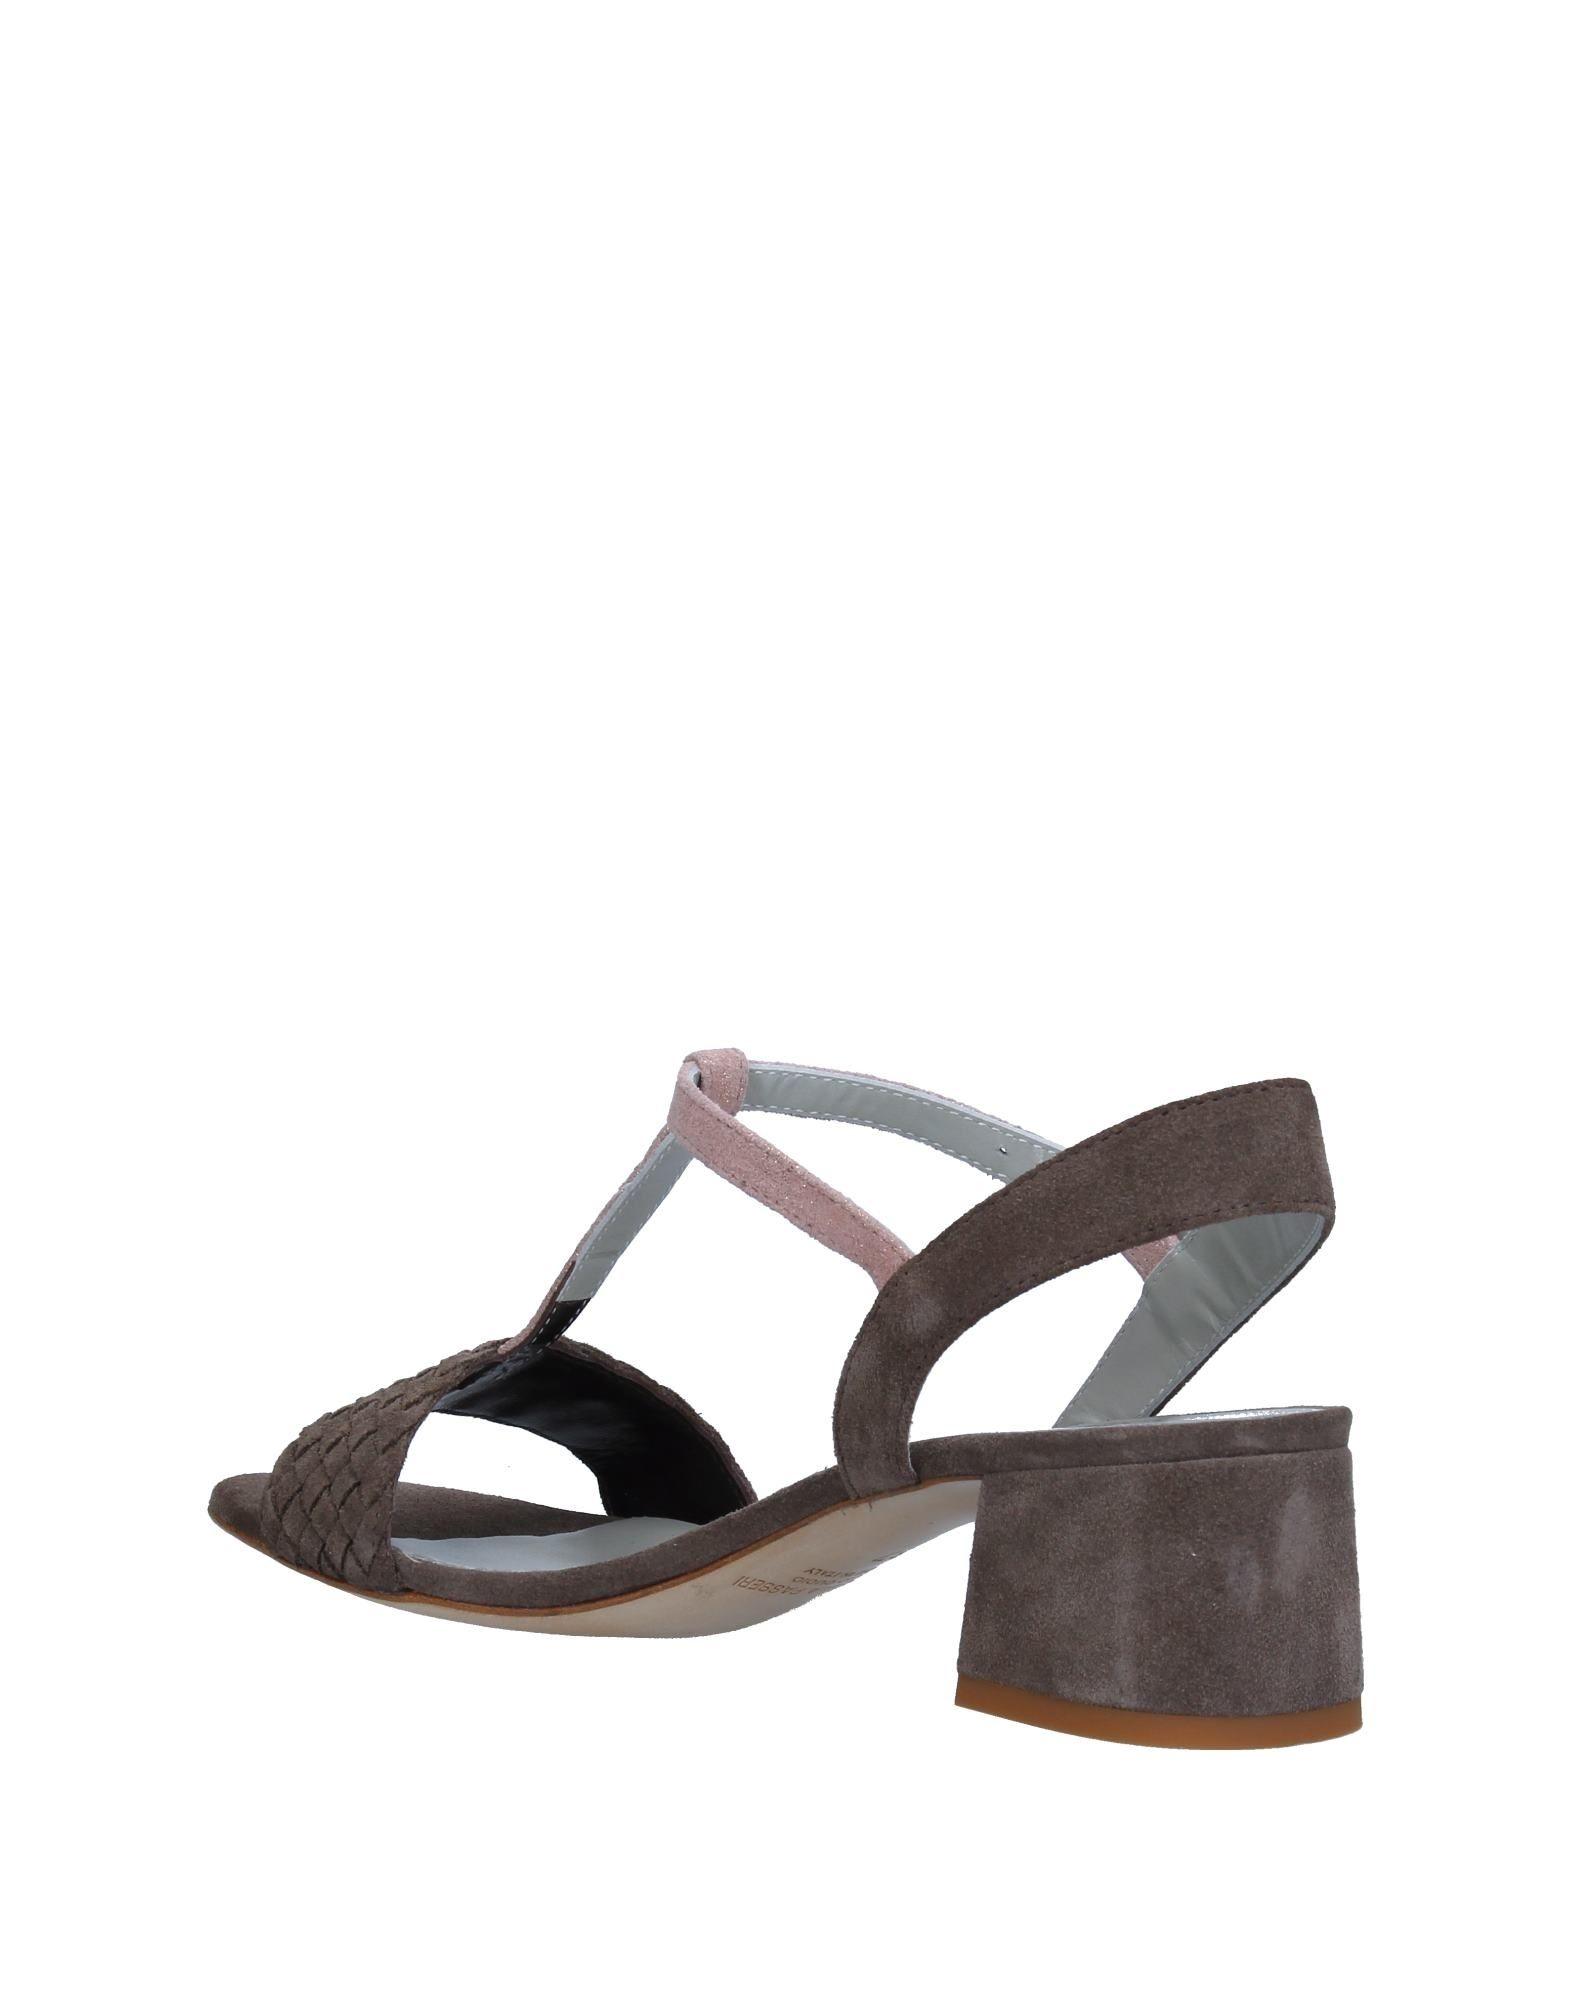 Emanuela Passeri Sandalen Damen beliebte  11331704OG Gute Qualität beliebte Damen Schuhe 3f63af